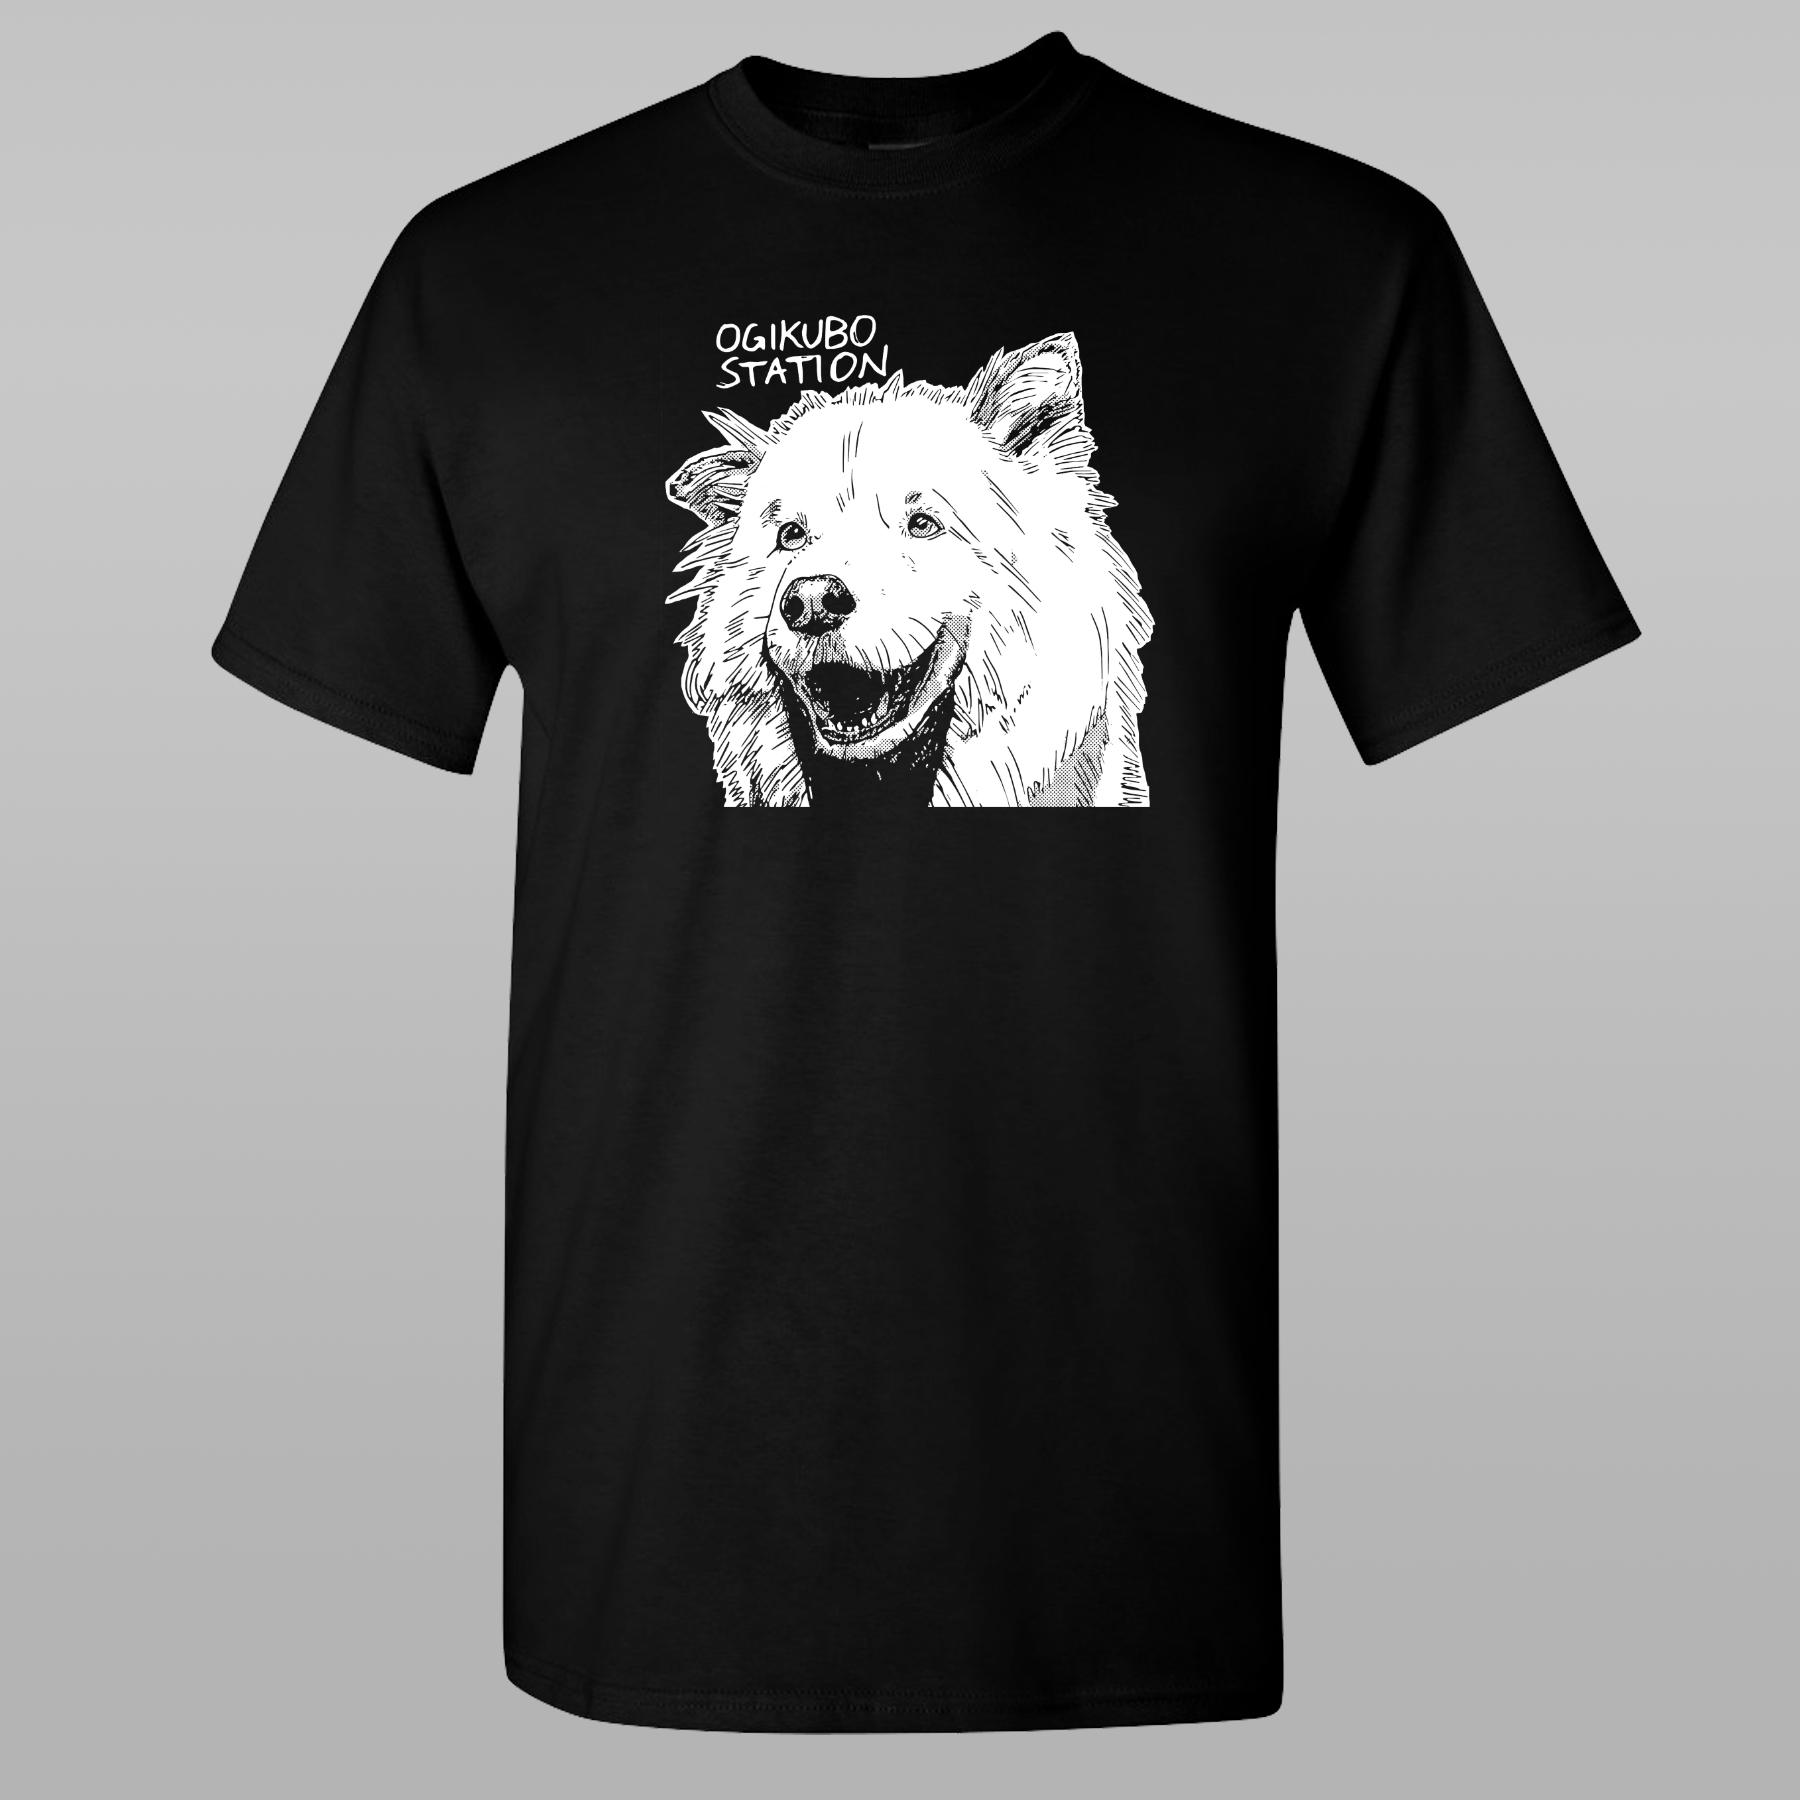 OGIKUBO STATION Dog T-Shirt